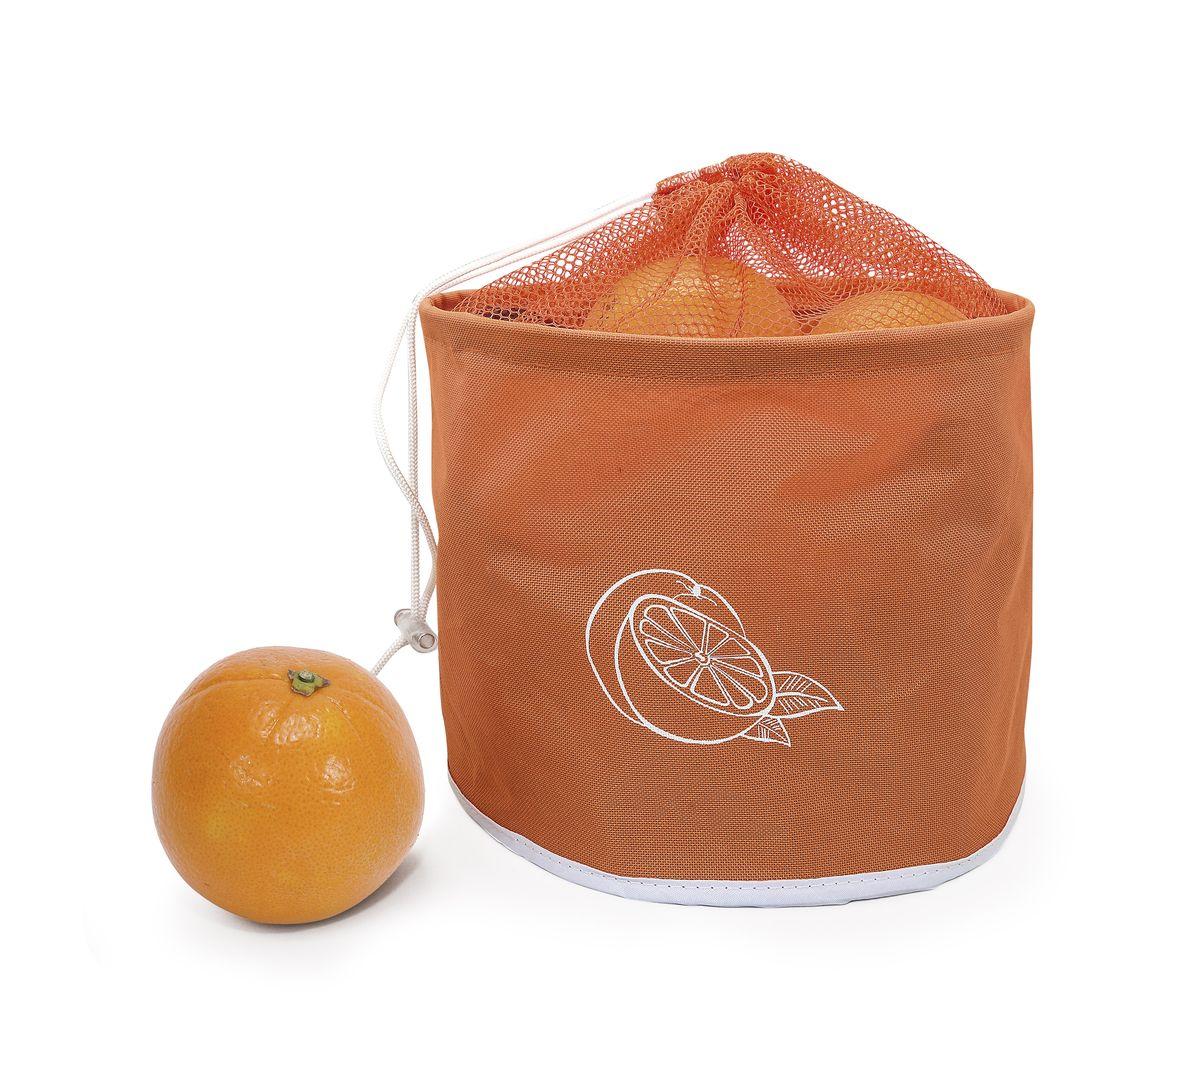 Сумка для хранения цитрусовых Iris Barcelona, до 5 кг, цвет: оранжевый bloomingville сумка для хранения plus